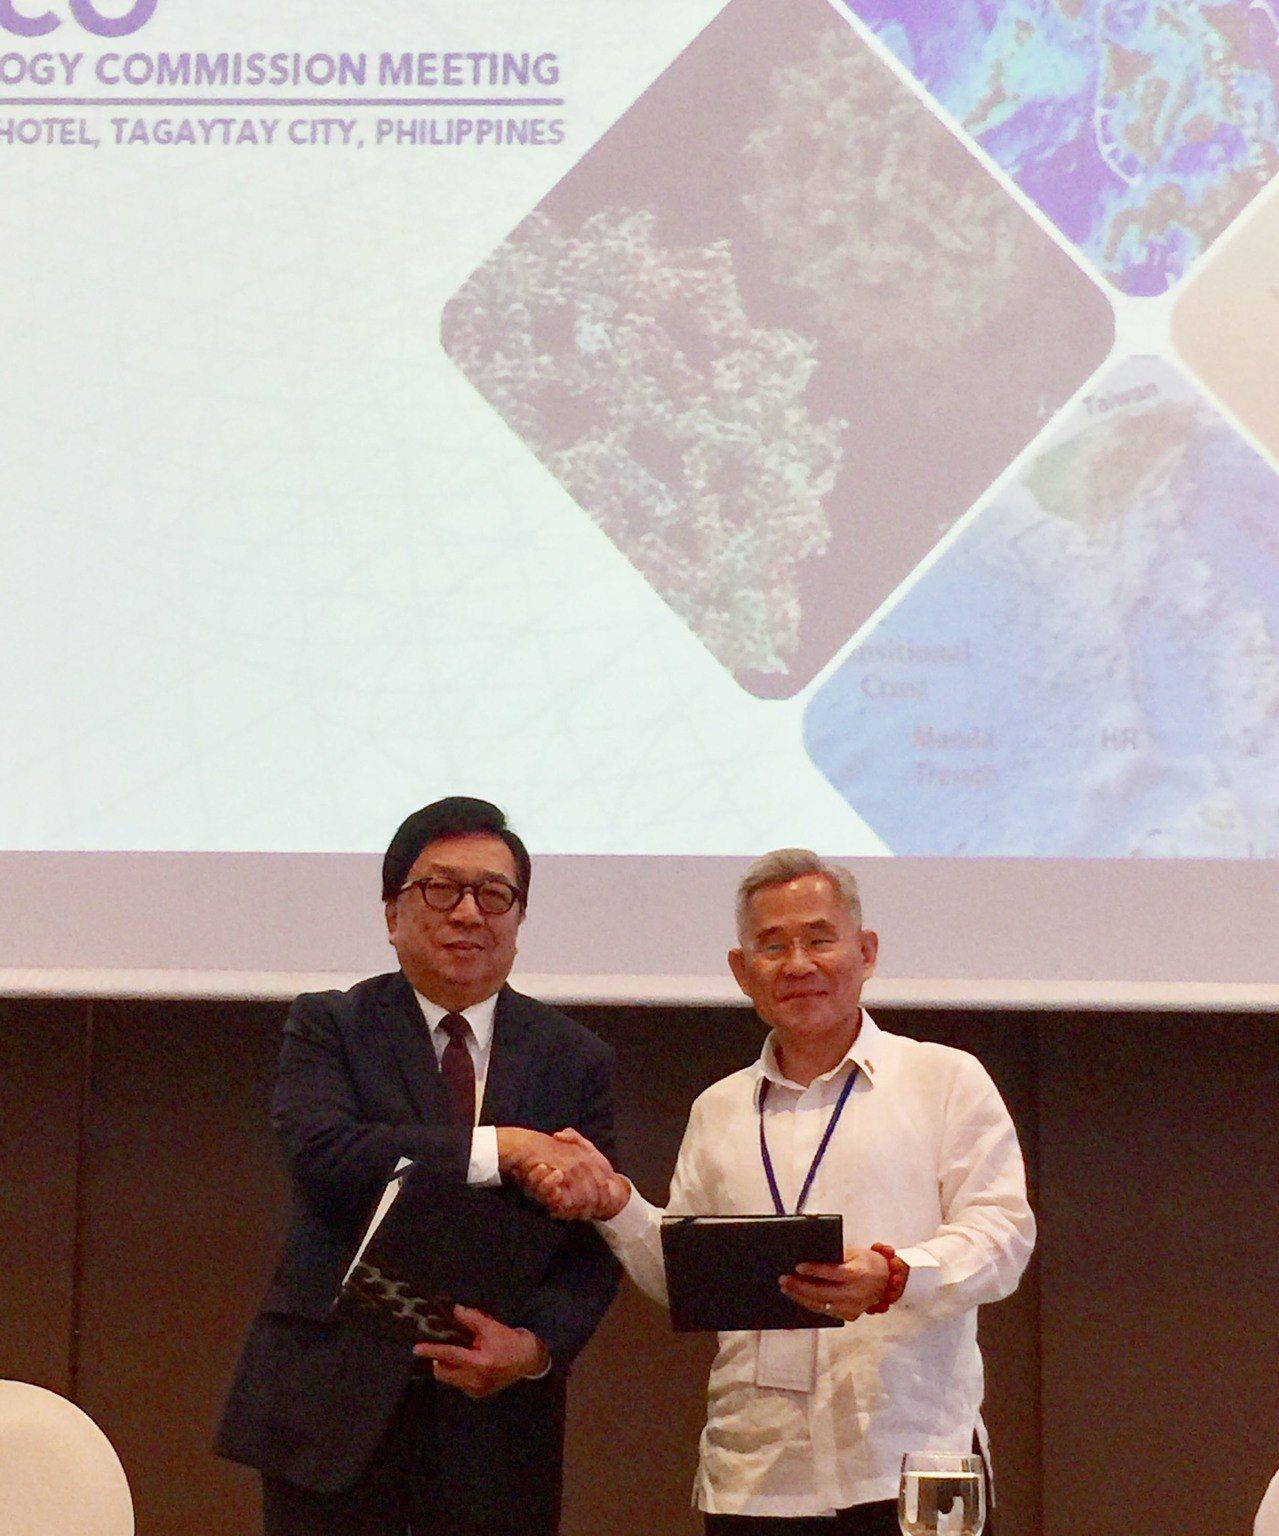 第6屆台菲部長級科技會議24日在馬尼拉以南山城塔加泰市舉辦,會後中華民國駐菲代表...